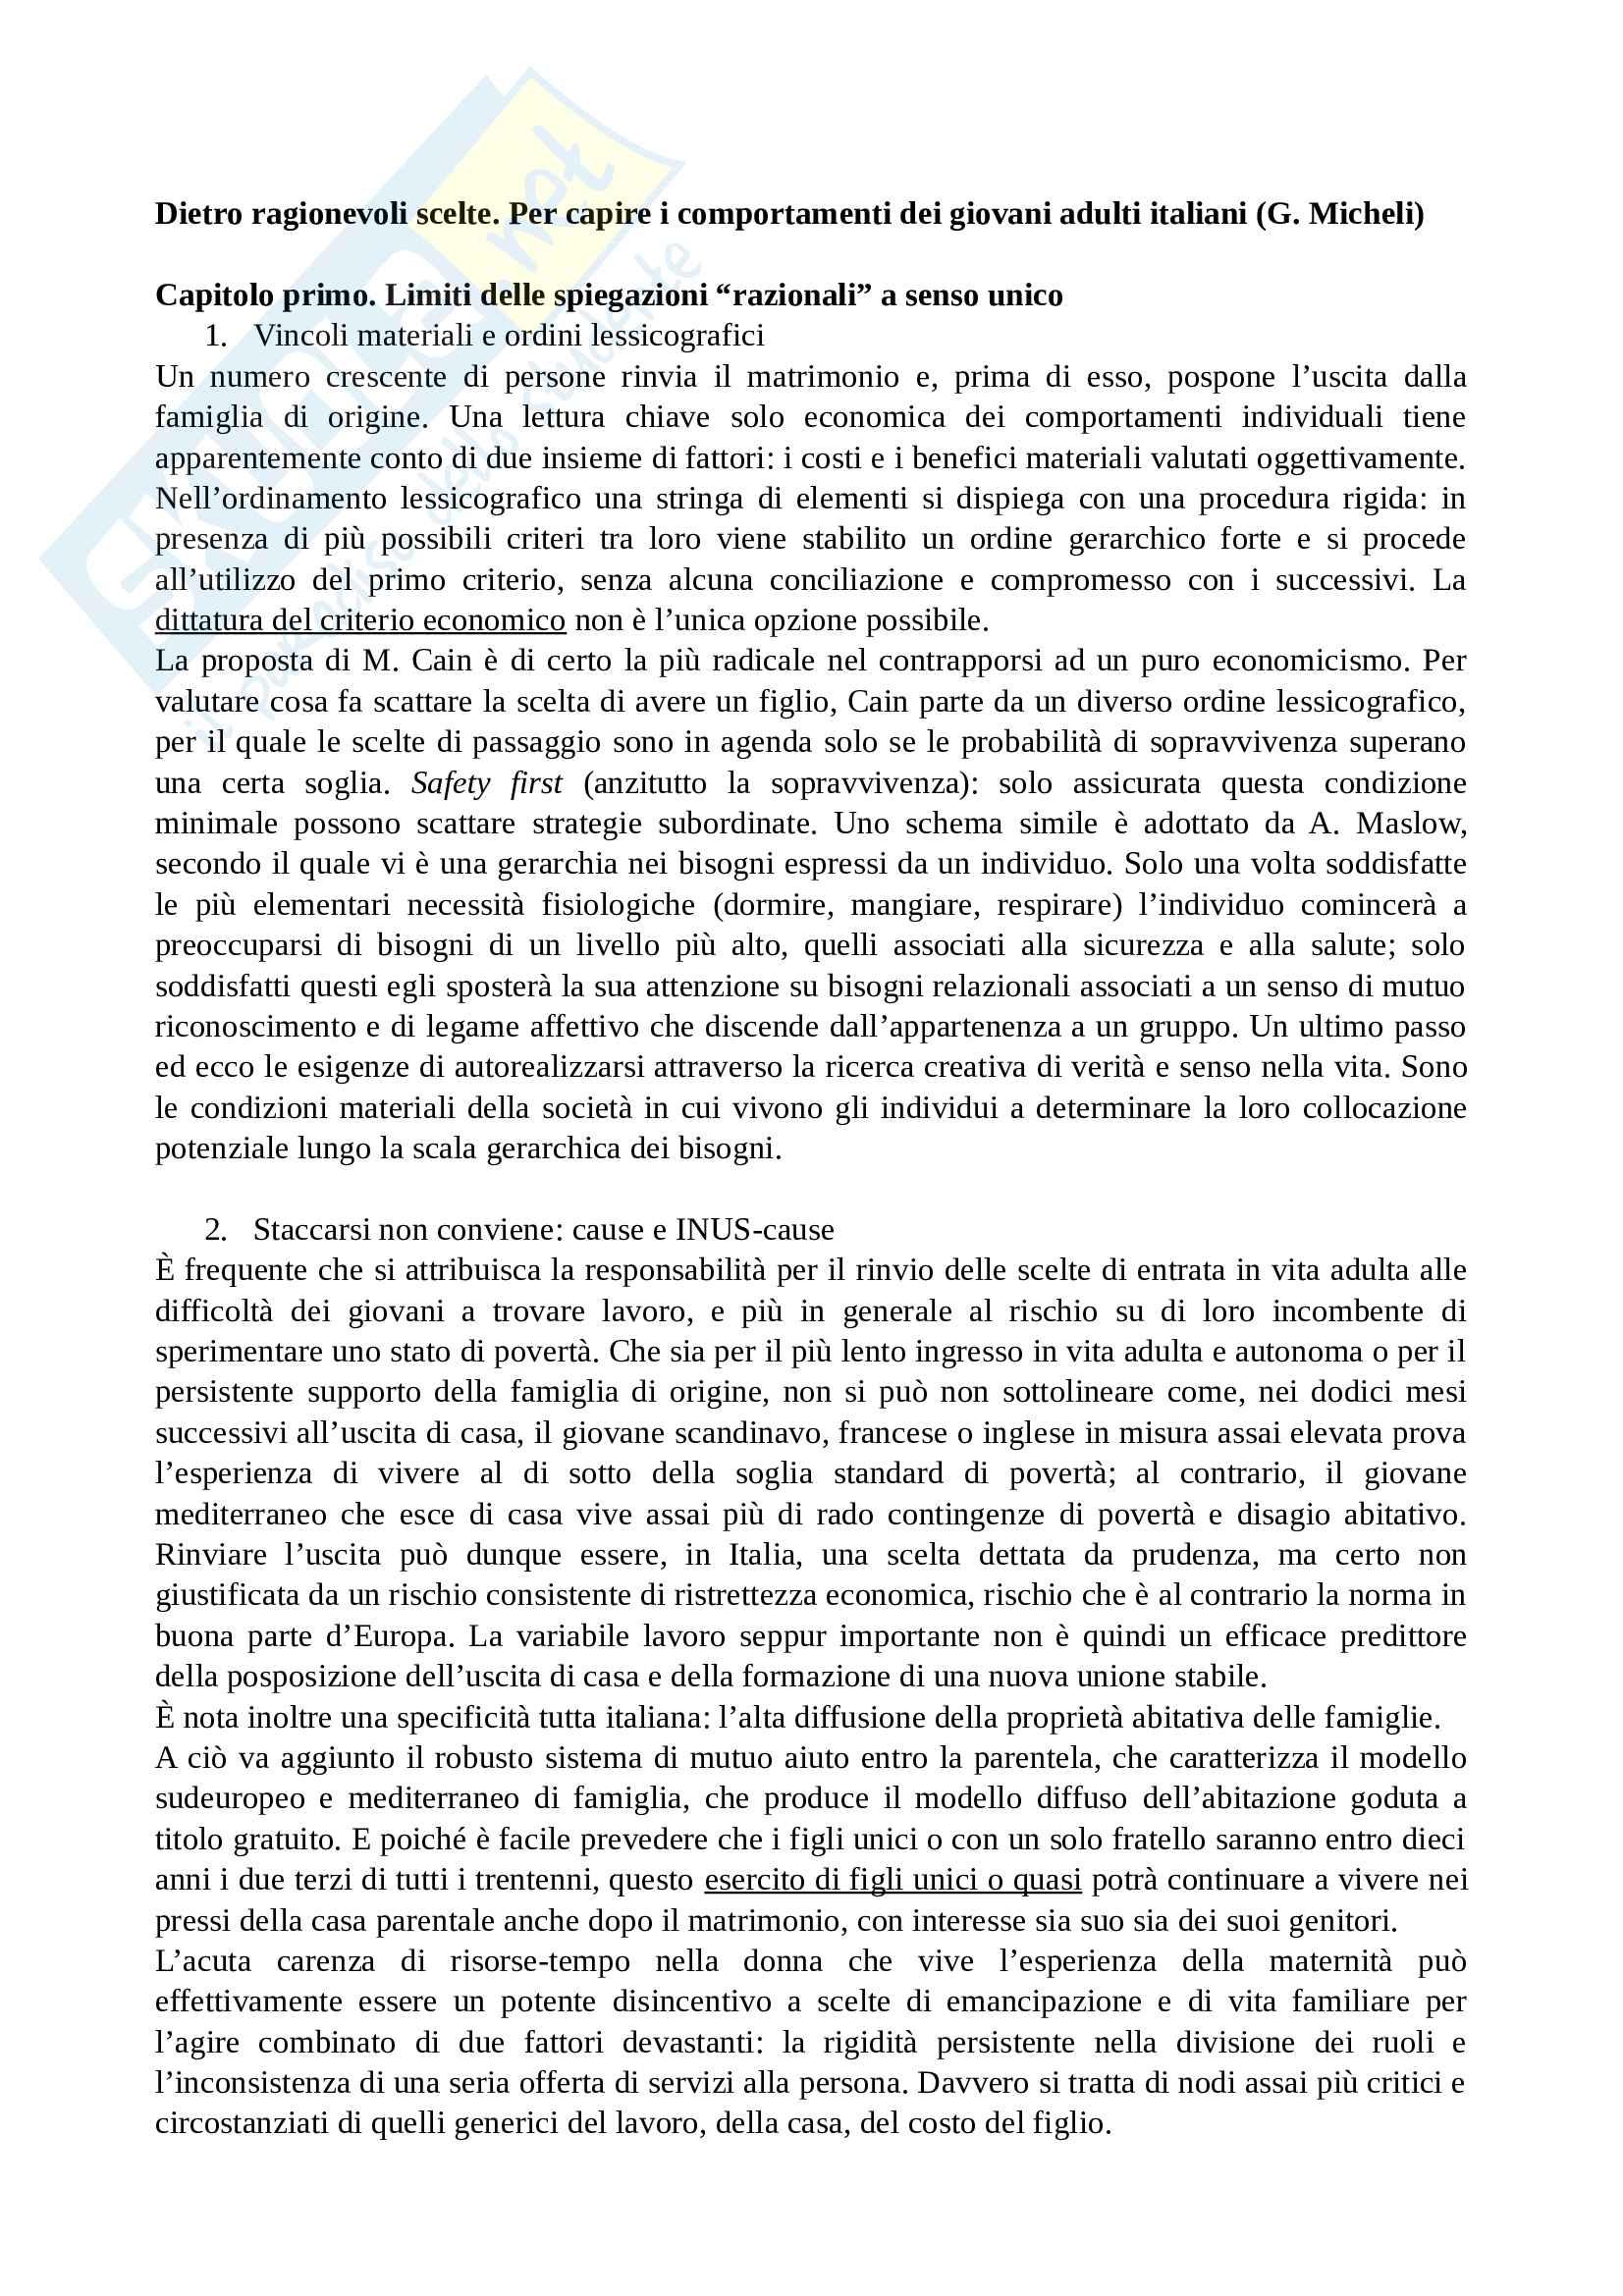 Riassunto esame antropologia sociale, Prof. Viazzo, libro consigliato Dietro ragionevoli scelte, Micheli